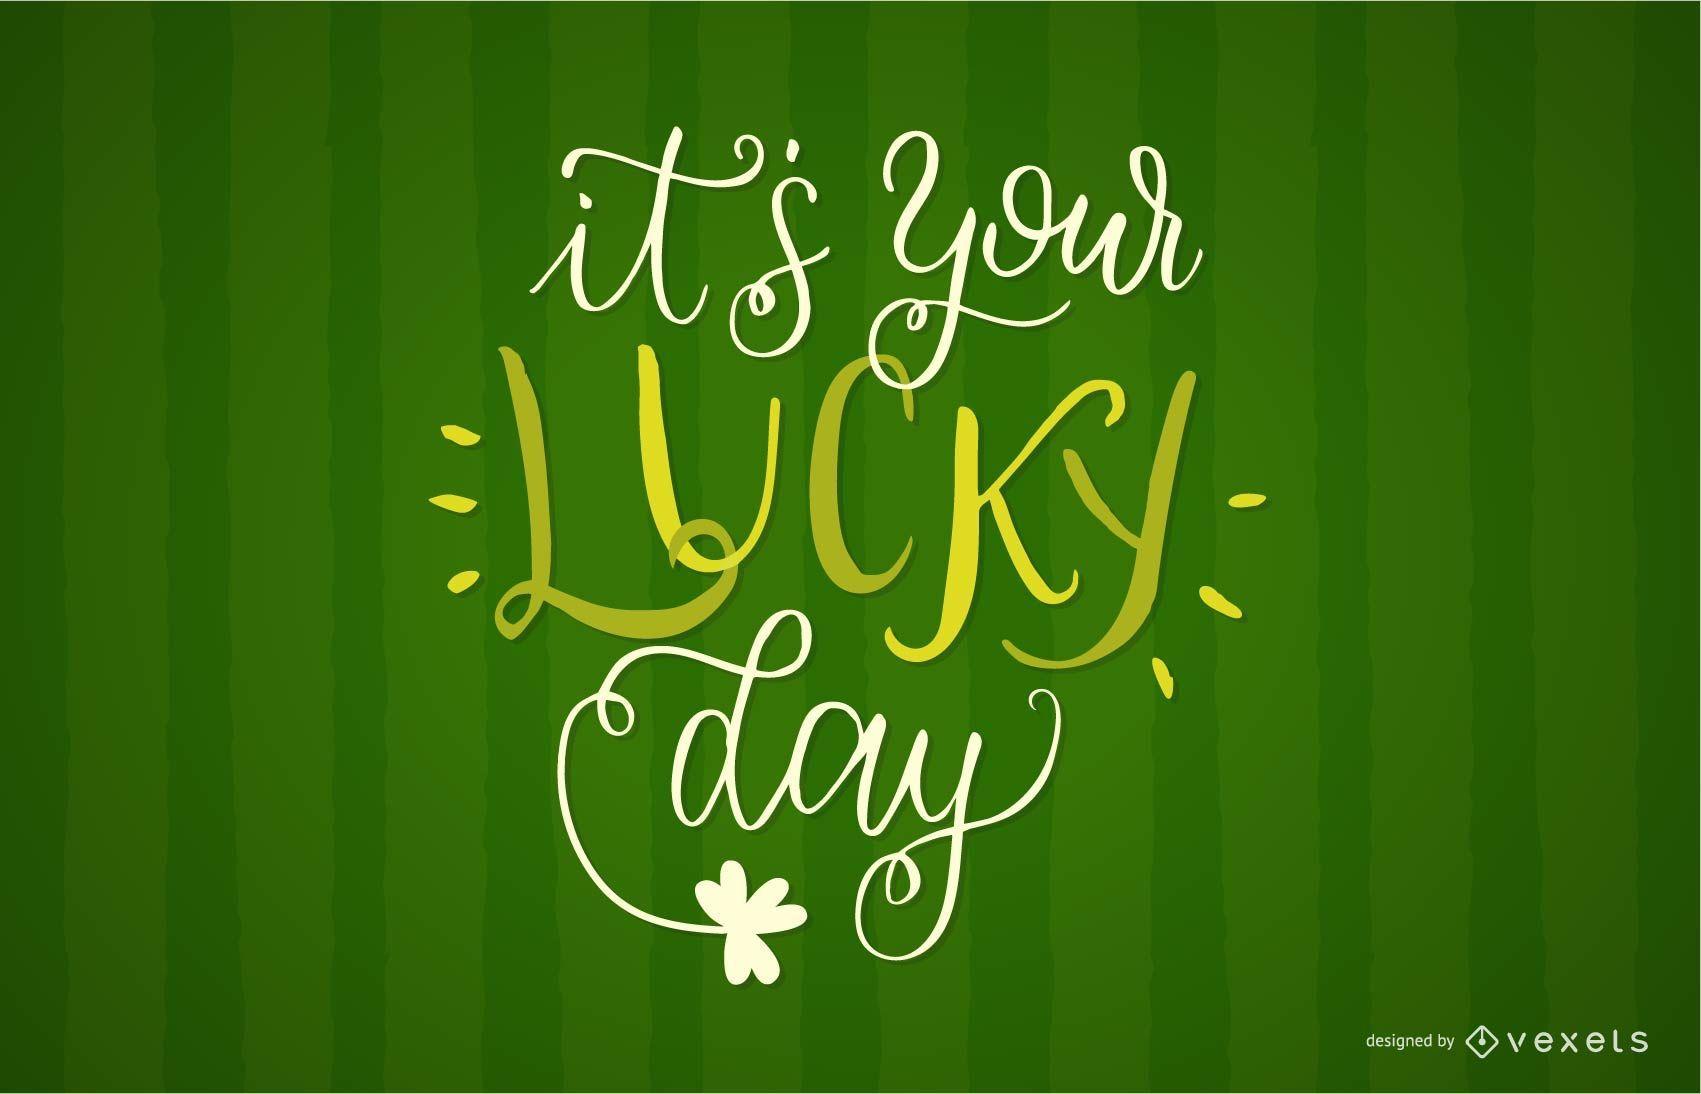 Tu diseño de letras del día de la suerte